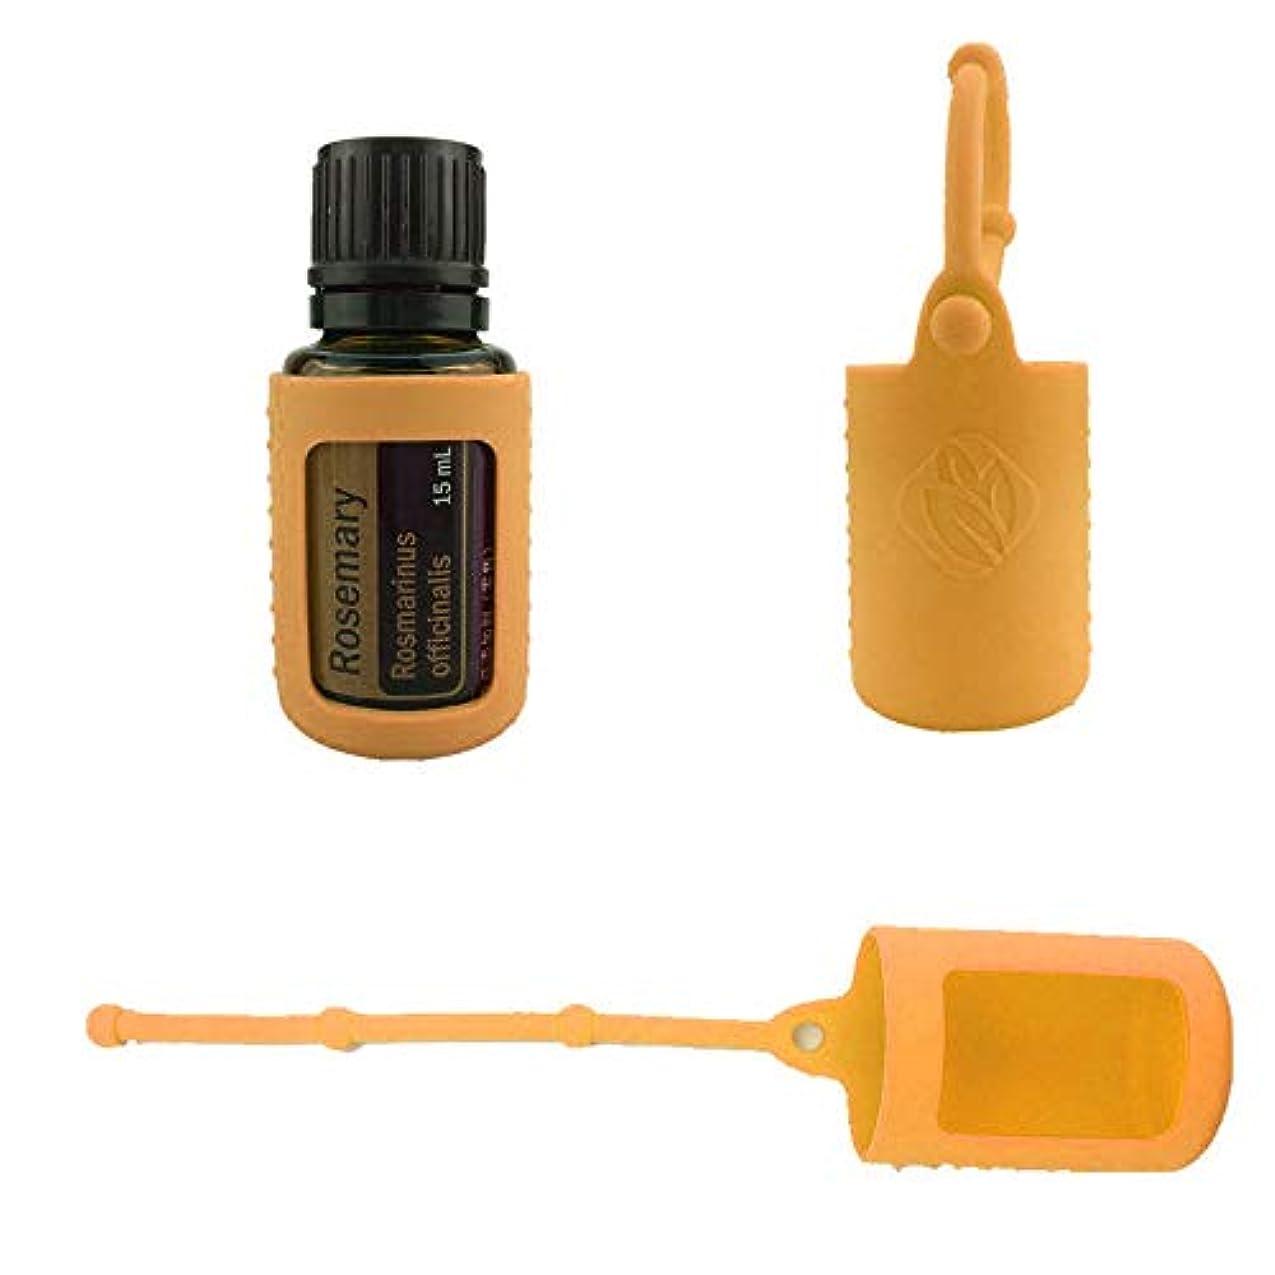 捧げる挨拶女将6パック熱望オイルボトルシリコンローラーボトルホルダースリーブエッセンシャルオイルボトル保護カバーケースハングロープ - オレンジ - 6-pcs 10ml